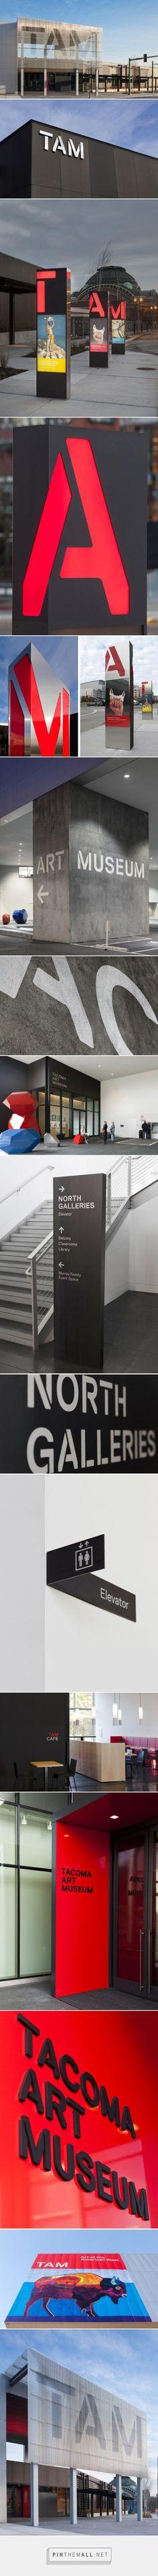 Tacoma Art Museum | Sinalização, sinalizar, referências, signage - created via https://pinthemall.net